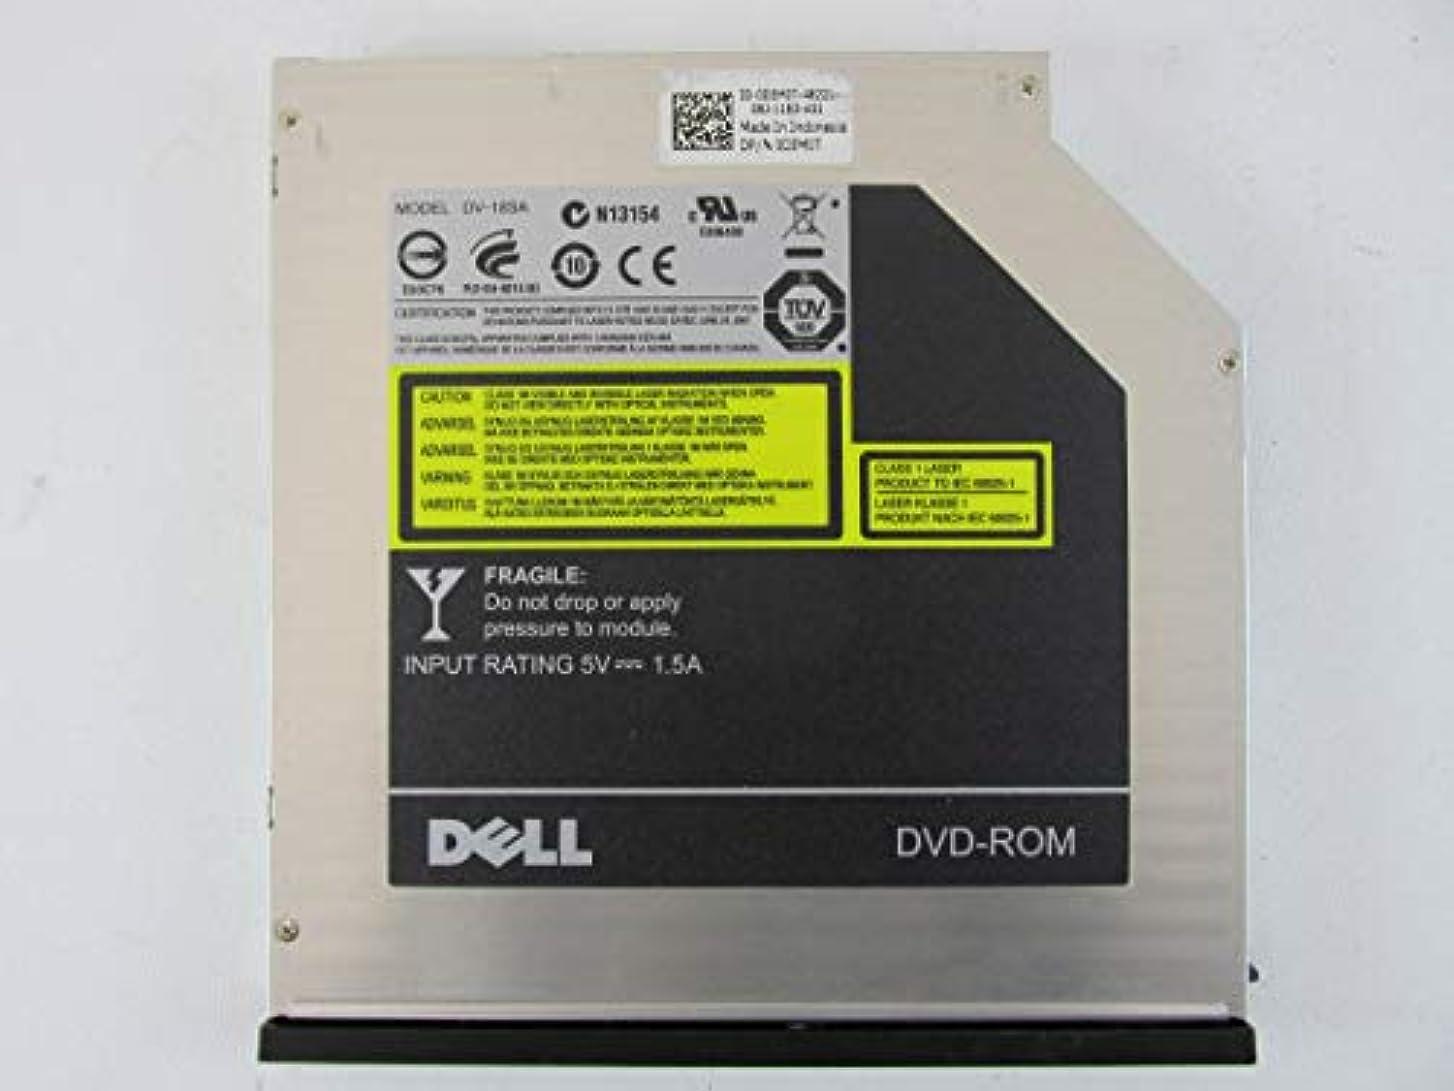 助けて裁量符号Dell e6410 DVD - ROM SATA光学ドライブdv-18sa 0d5 m0t d5 m0tブラック